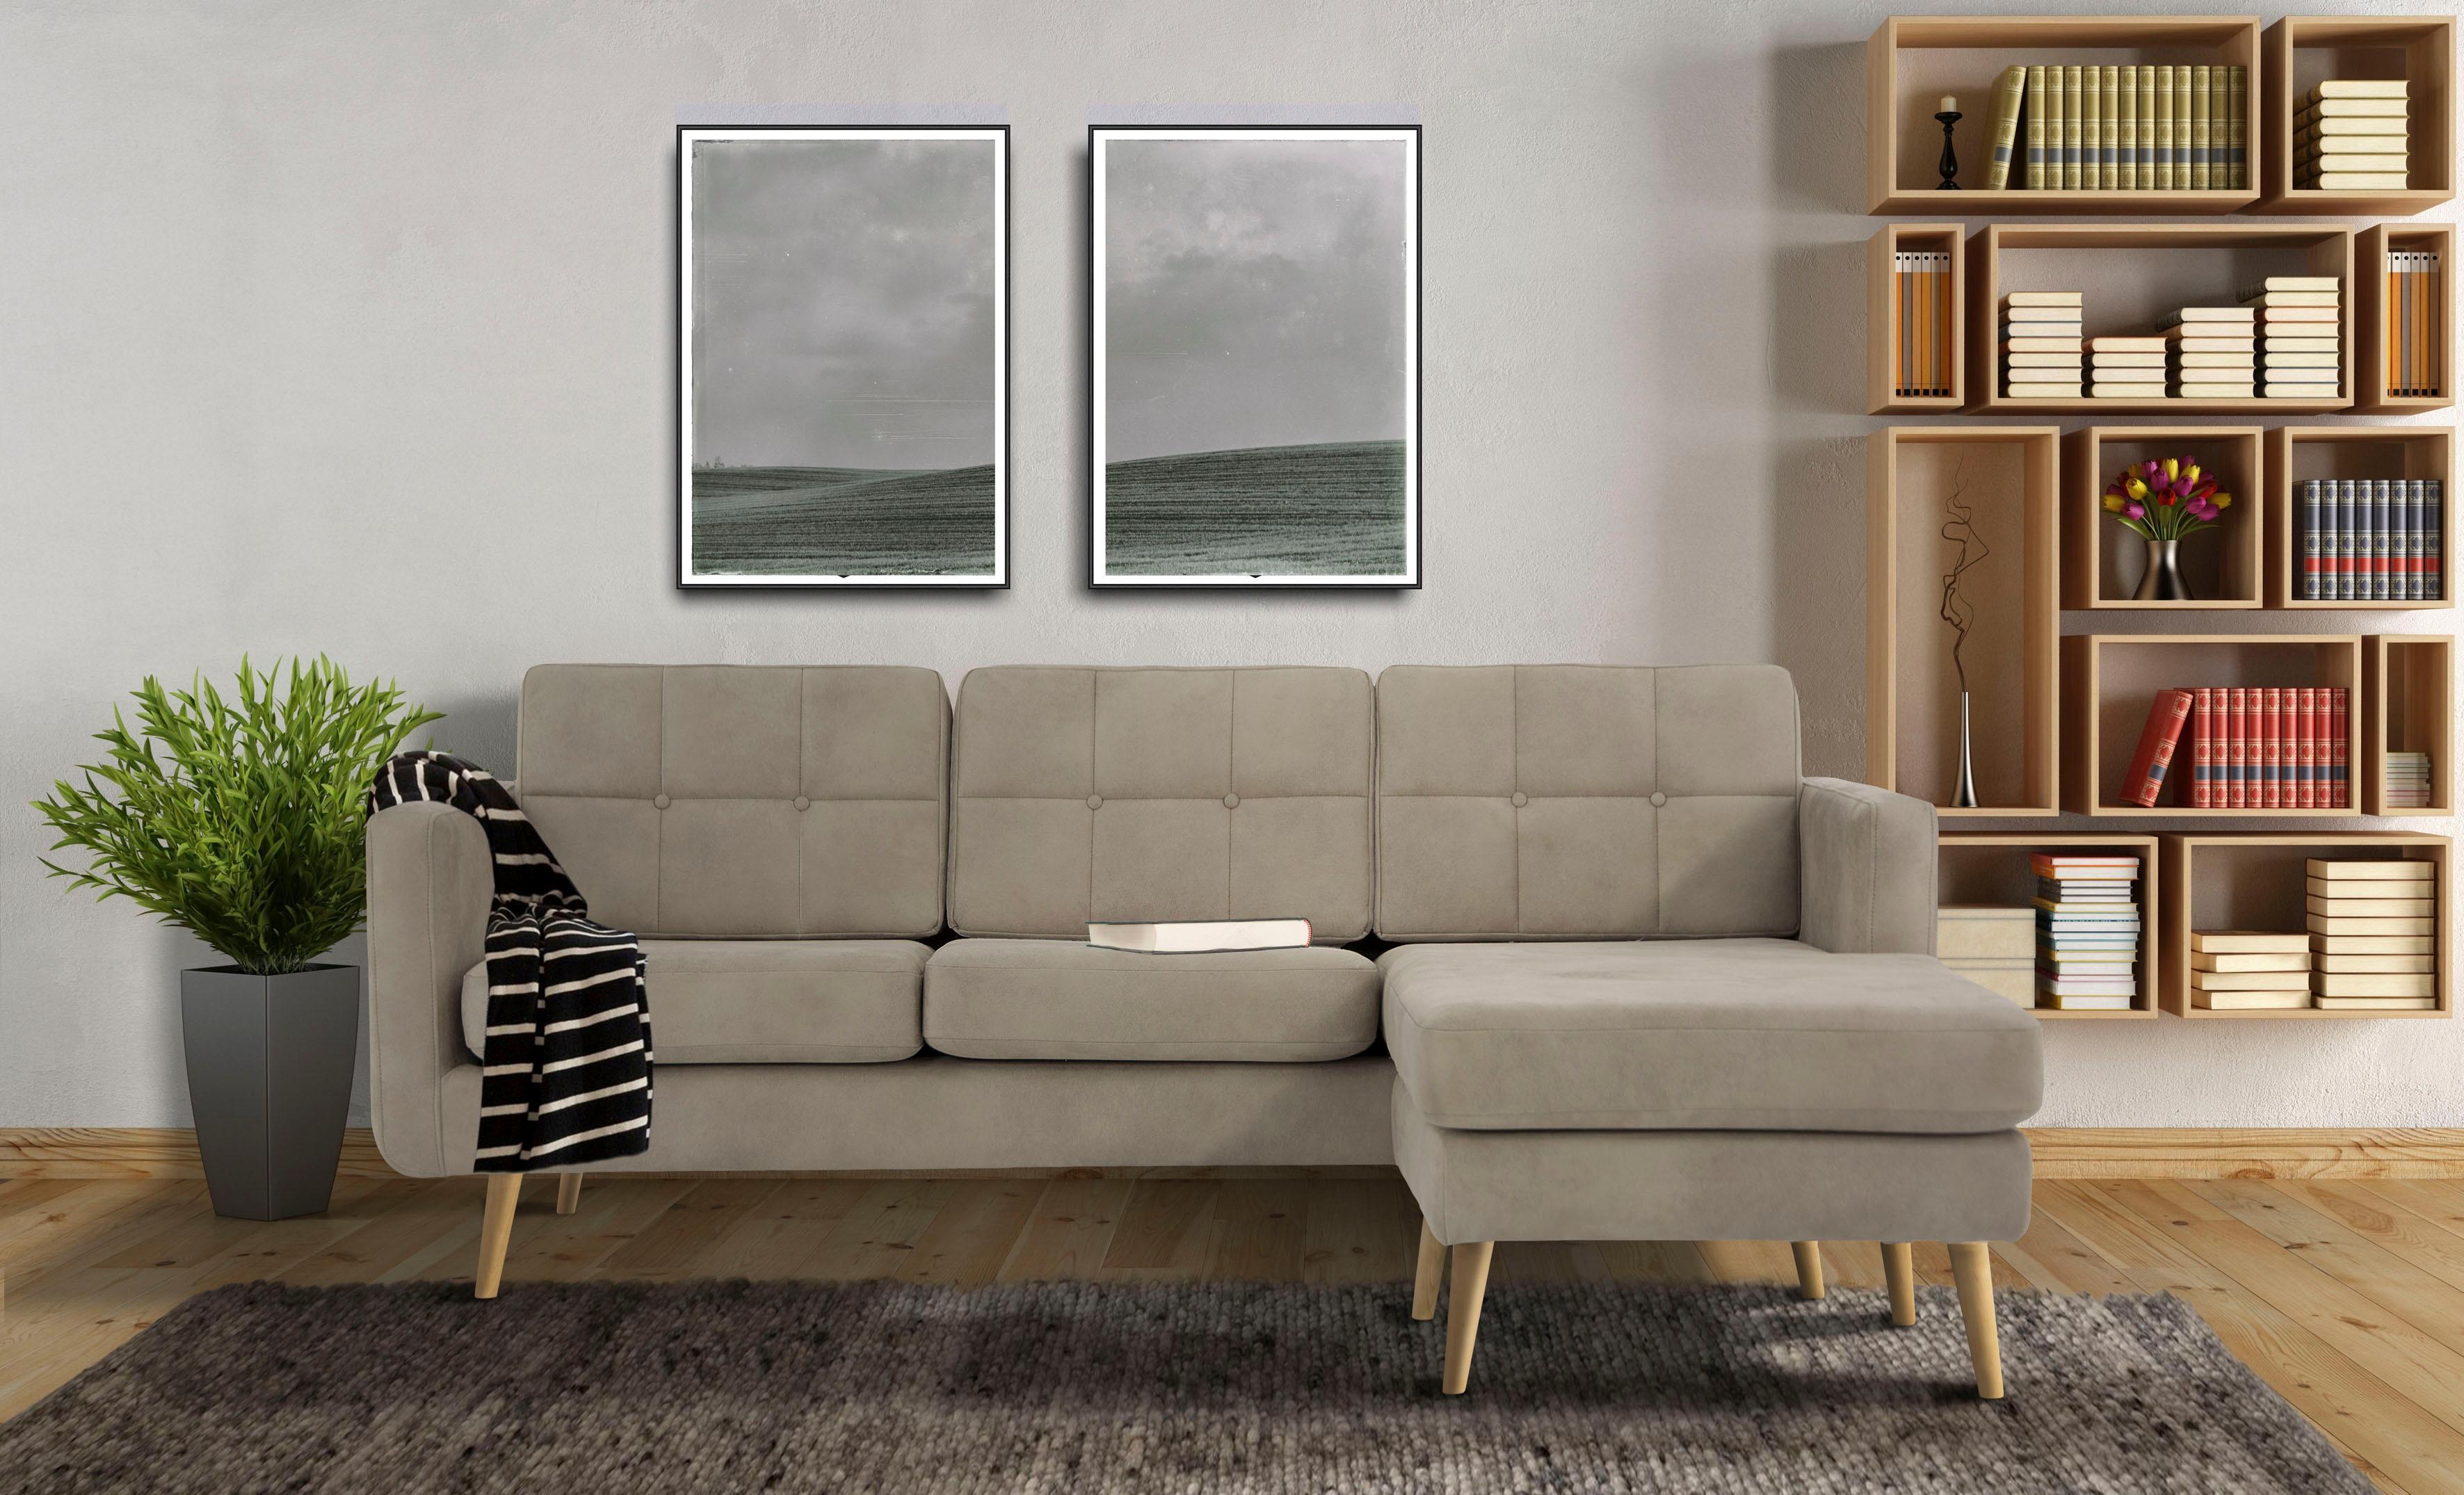 Home Affaire Ecksofa Brest Online Kaufen Quelle De